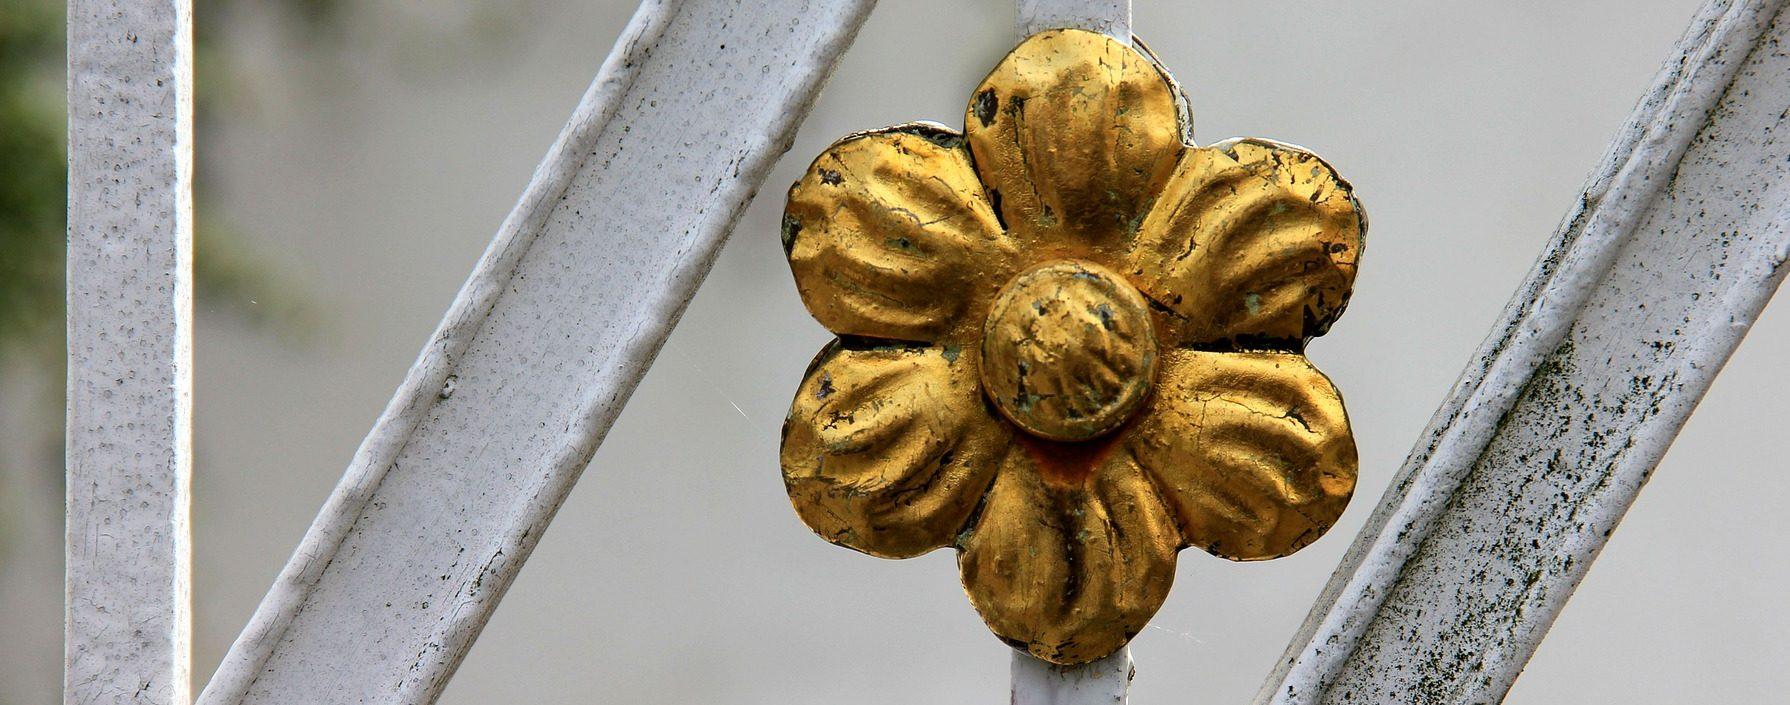 oro flor metales recurso